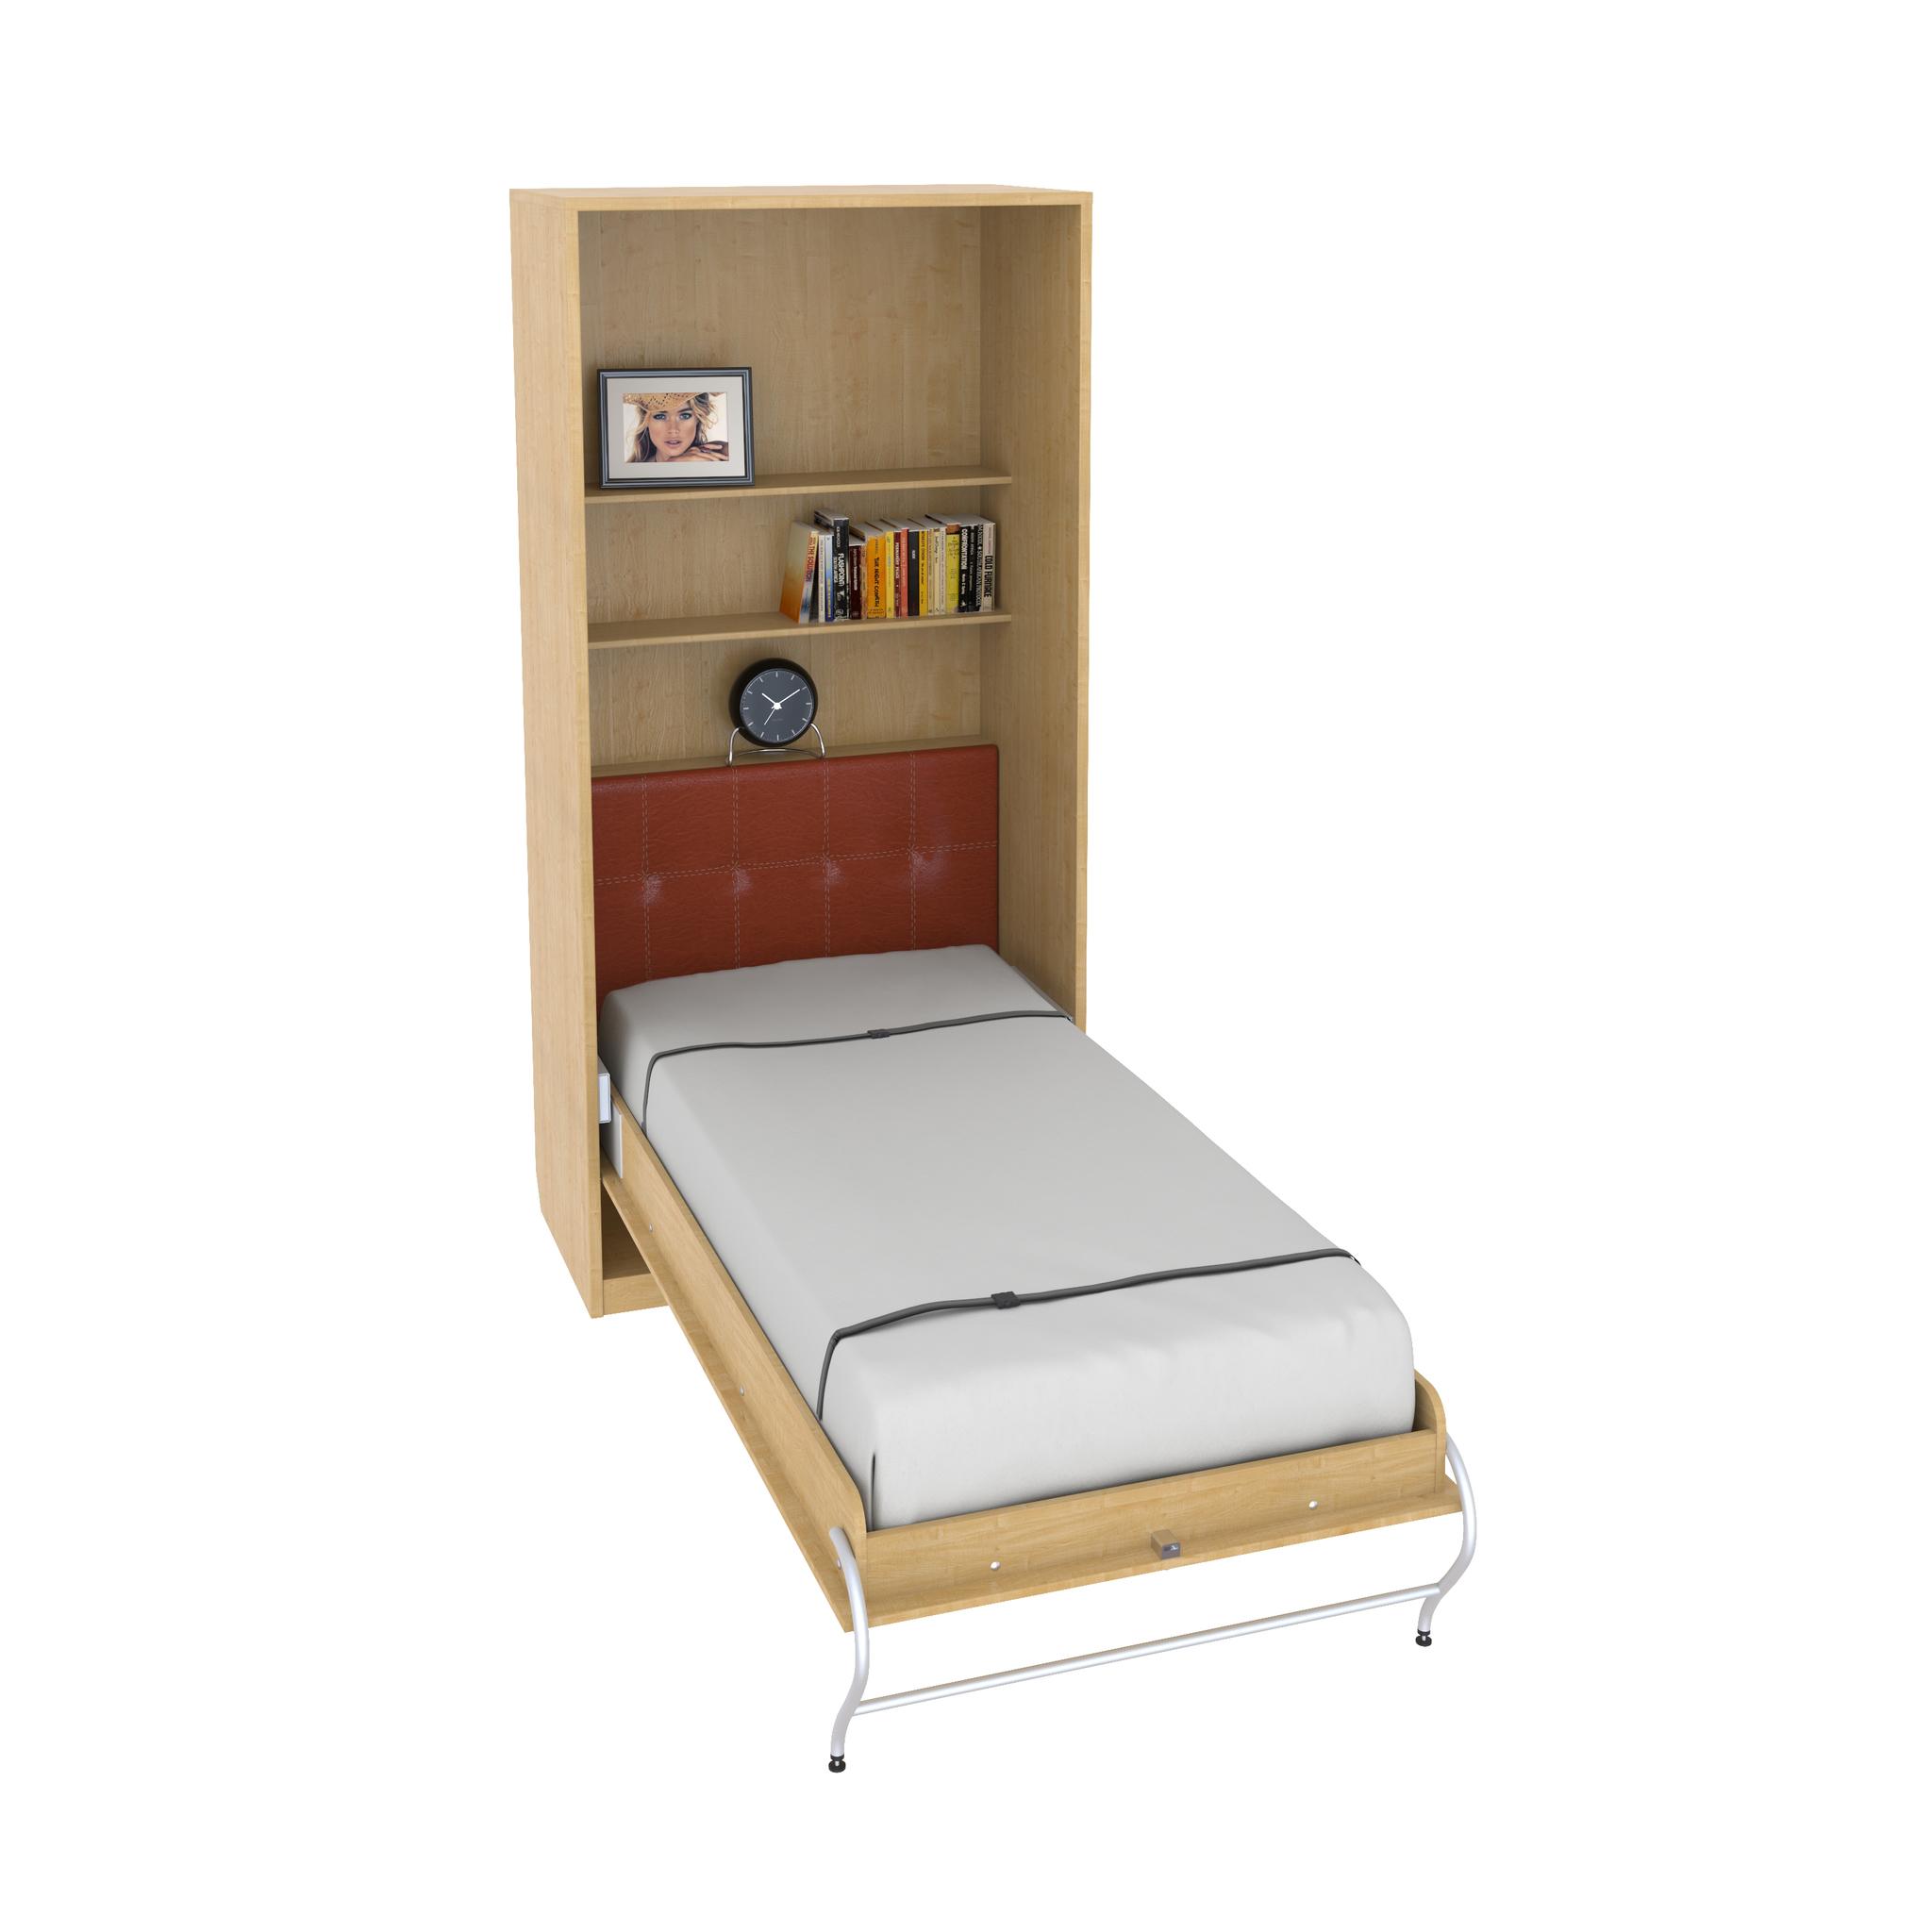 Шкаф-кровать вертикальная односпальная 90 или 80 см